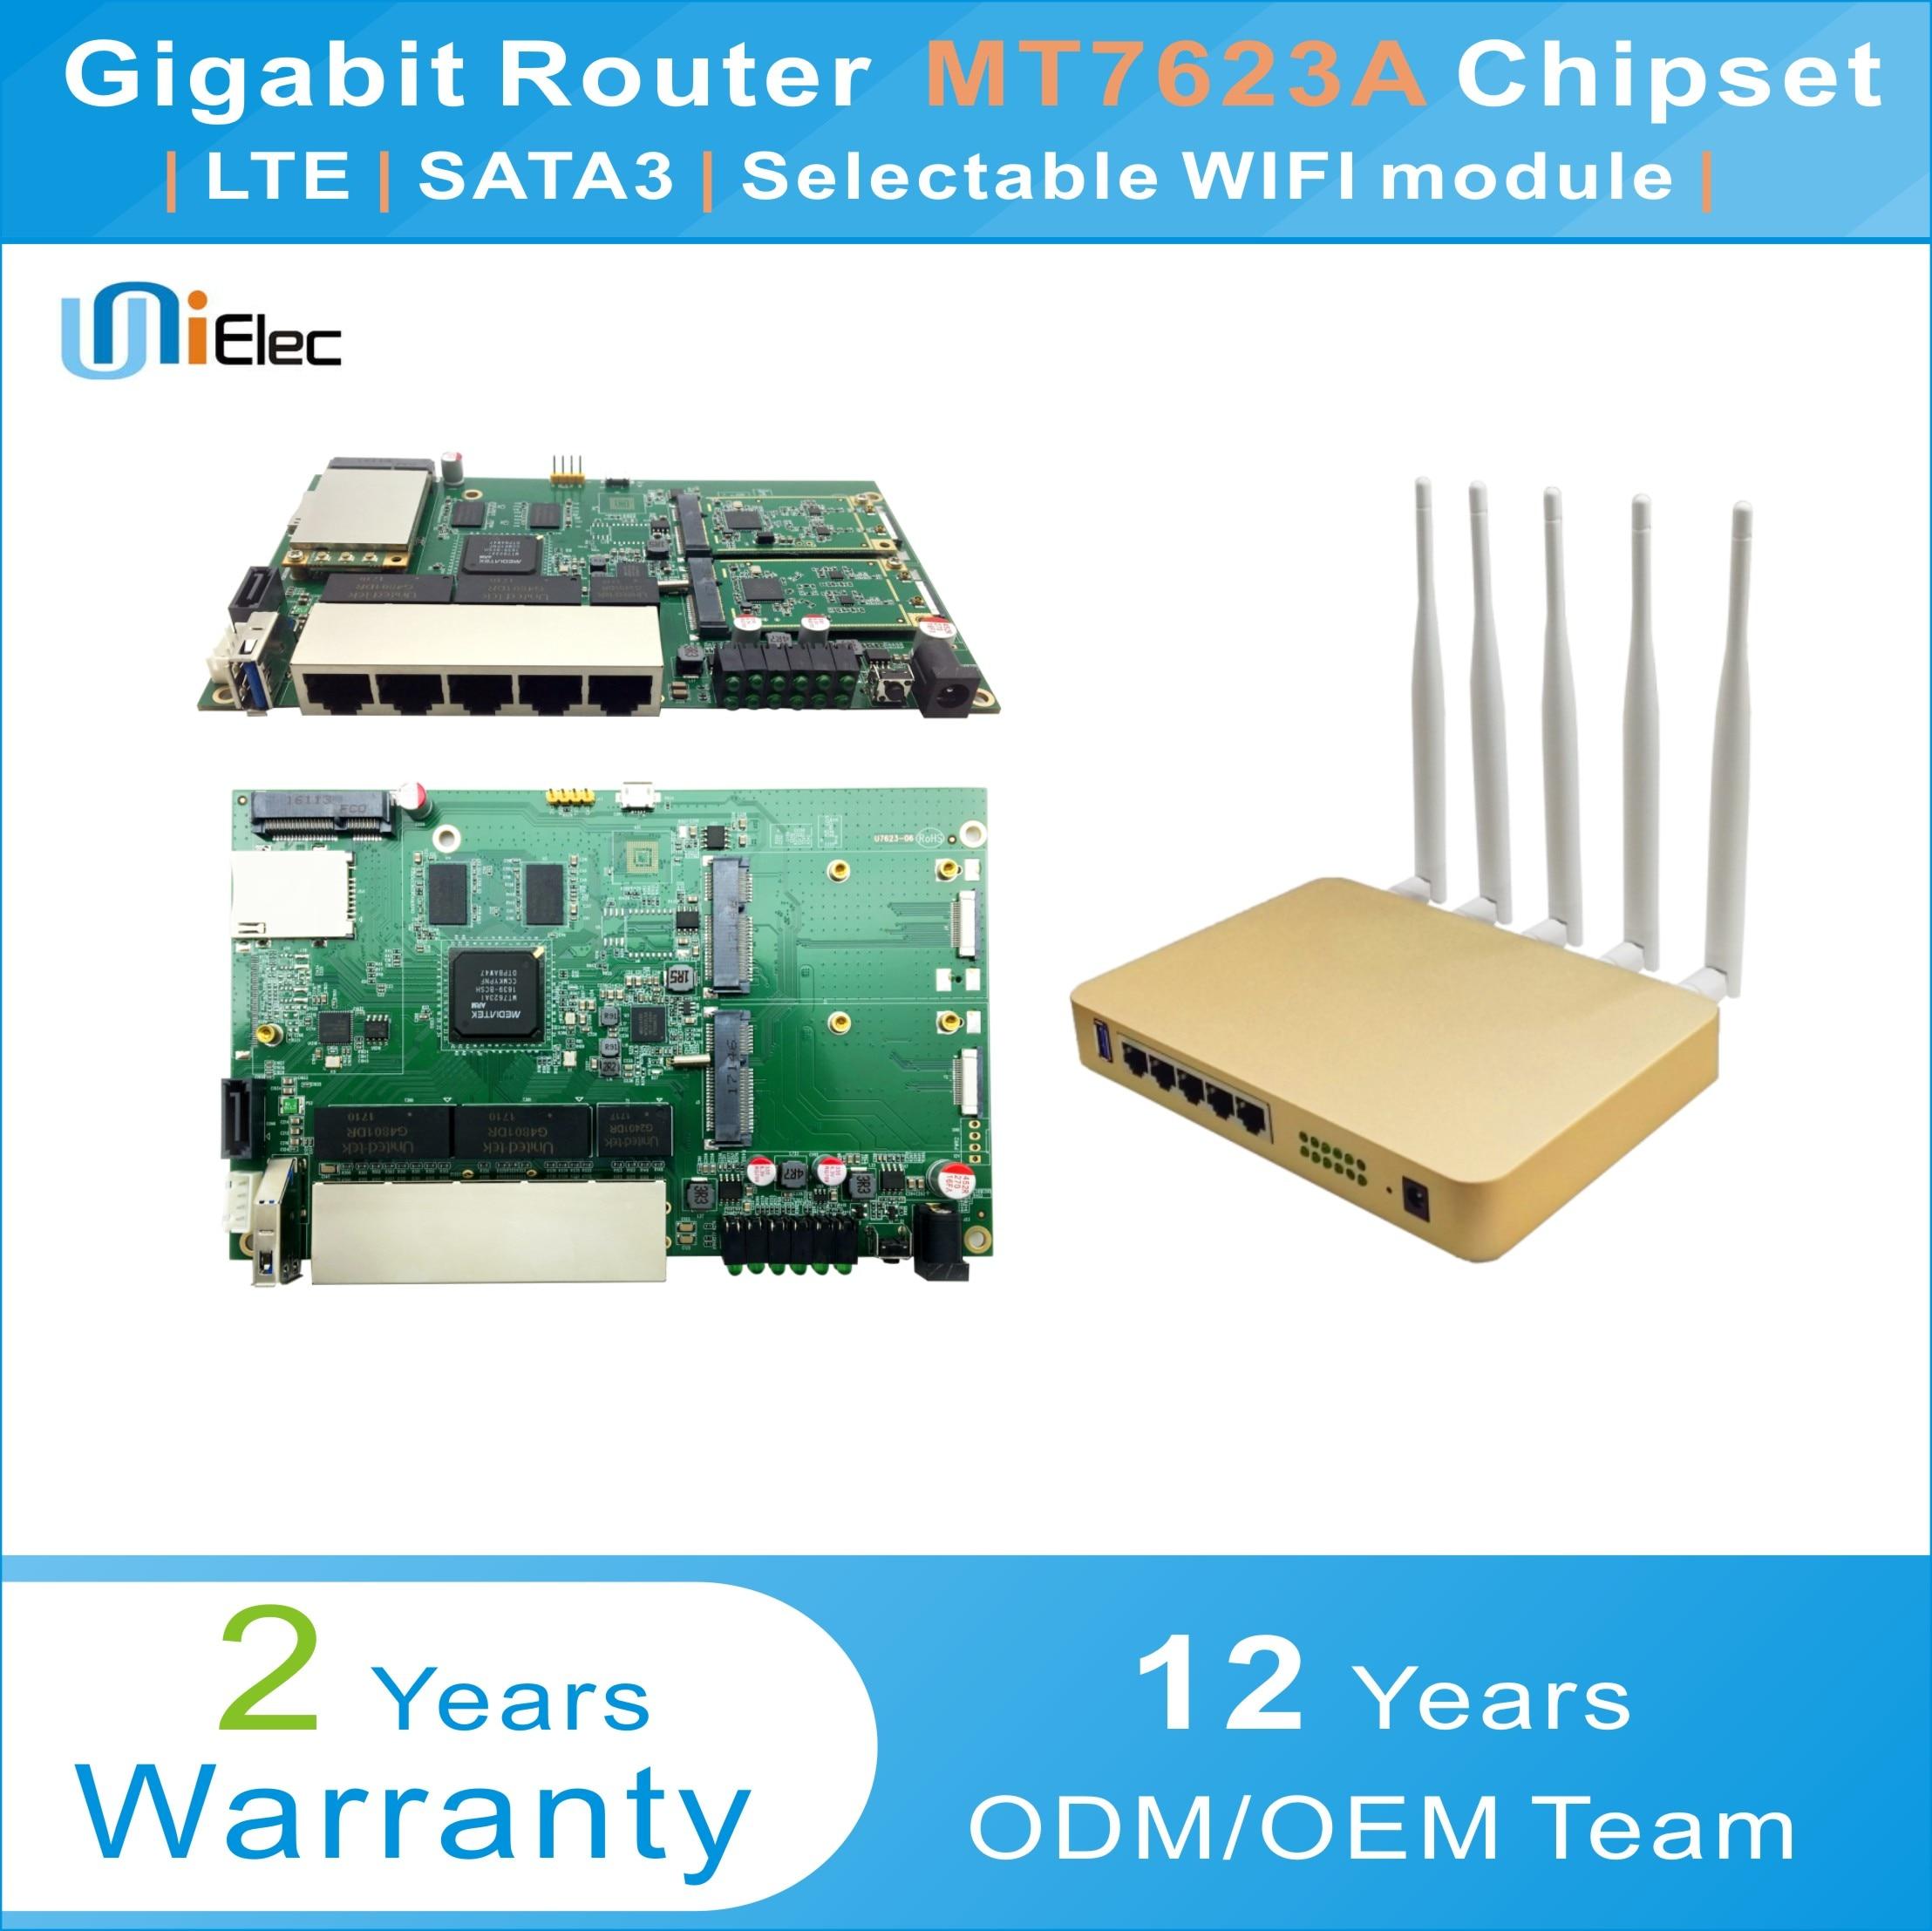 US $136 87 |MTK MT7623 Enterprise Router LTE 4G WIFI OpenWrt Wireless  MT7612 MT7615 MT7623A Chipset Gigabit PCBA ODM OEM Sim Card Board-in  Wireless